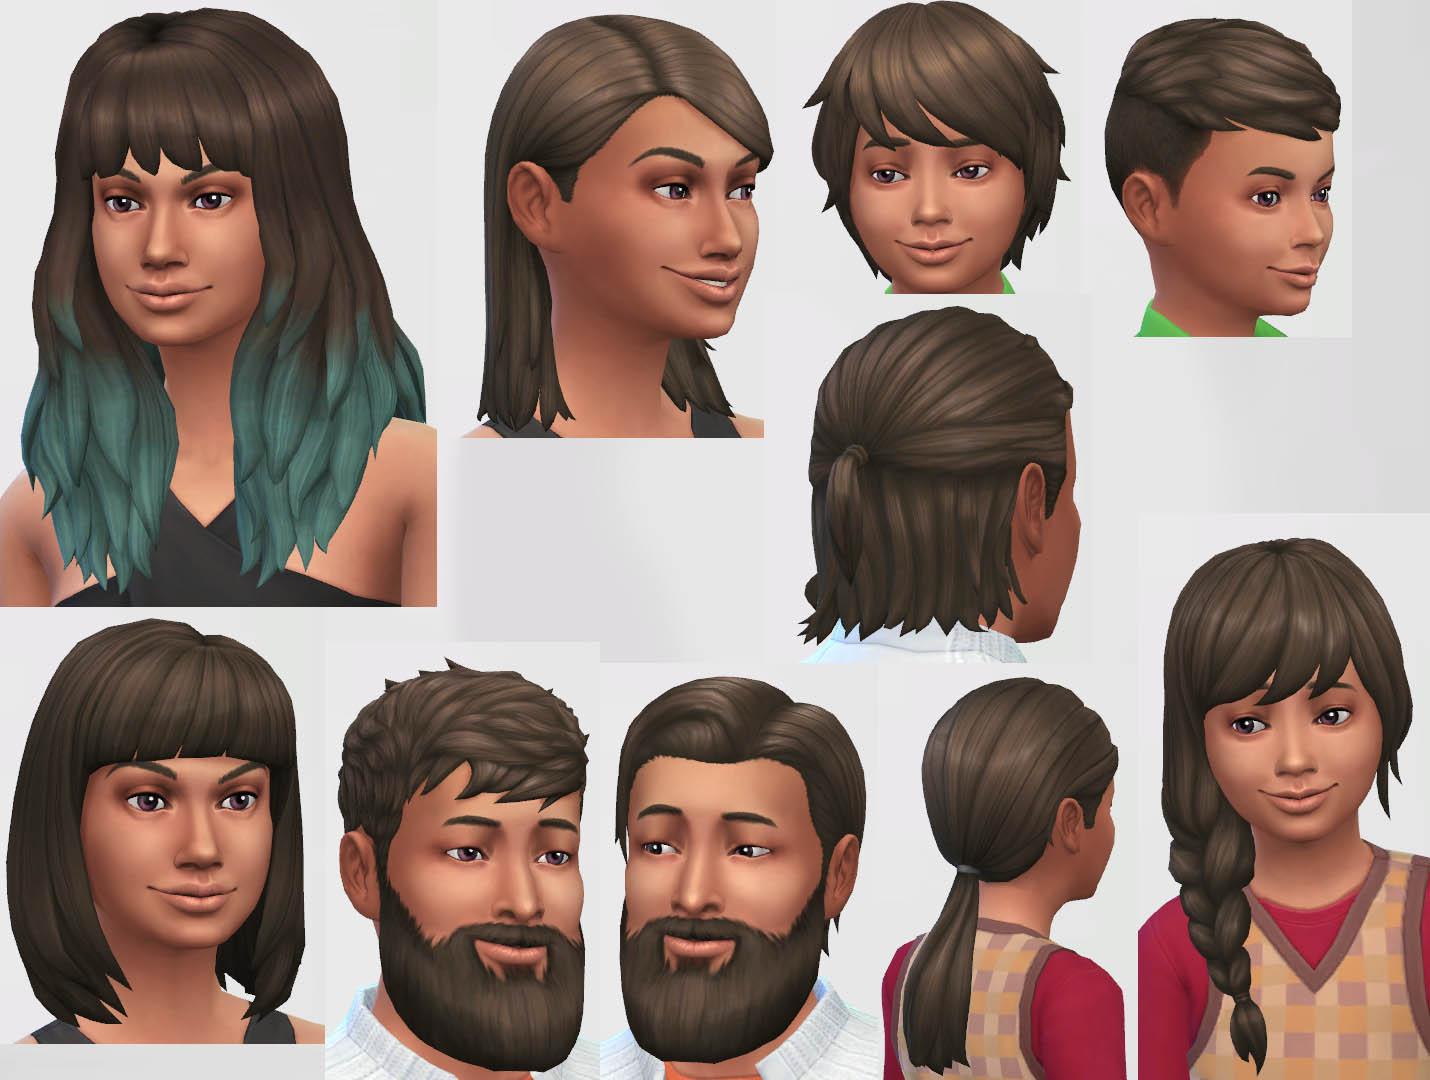 Архив причёсок для симс 3